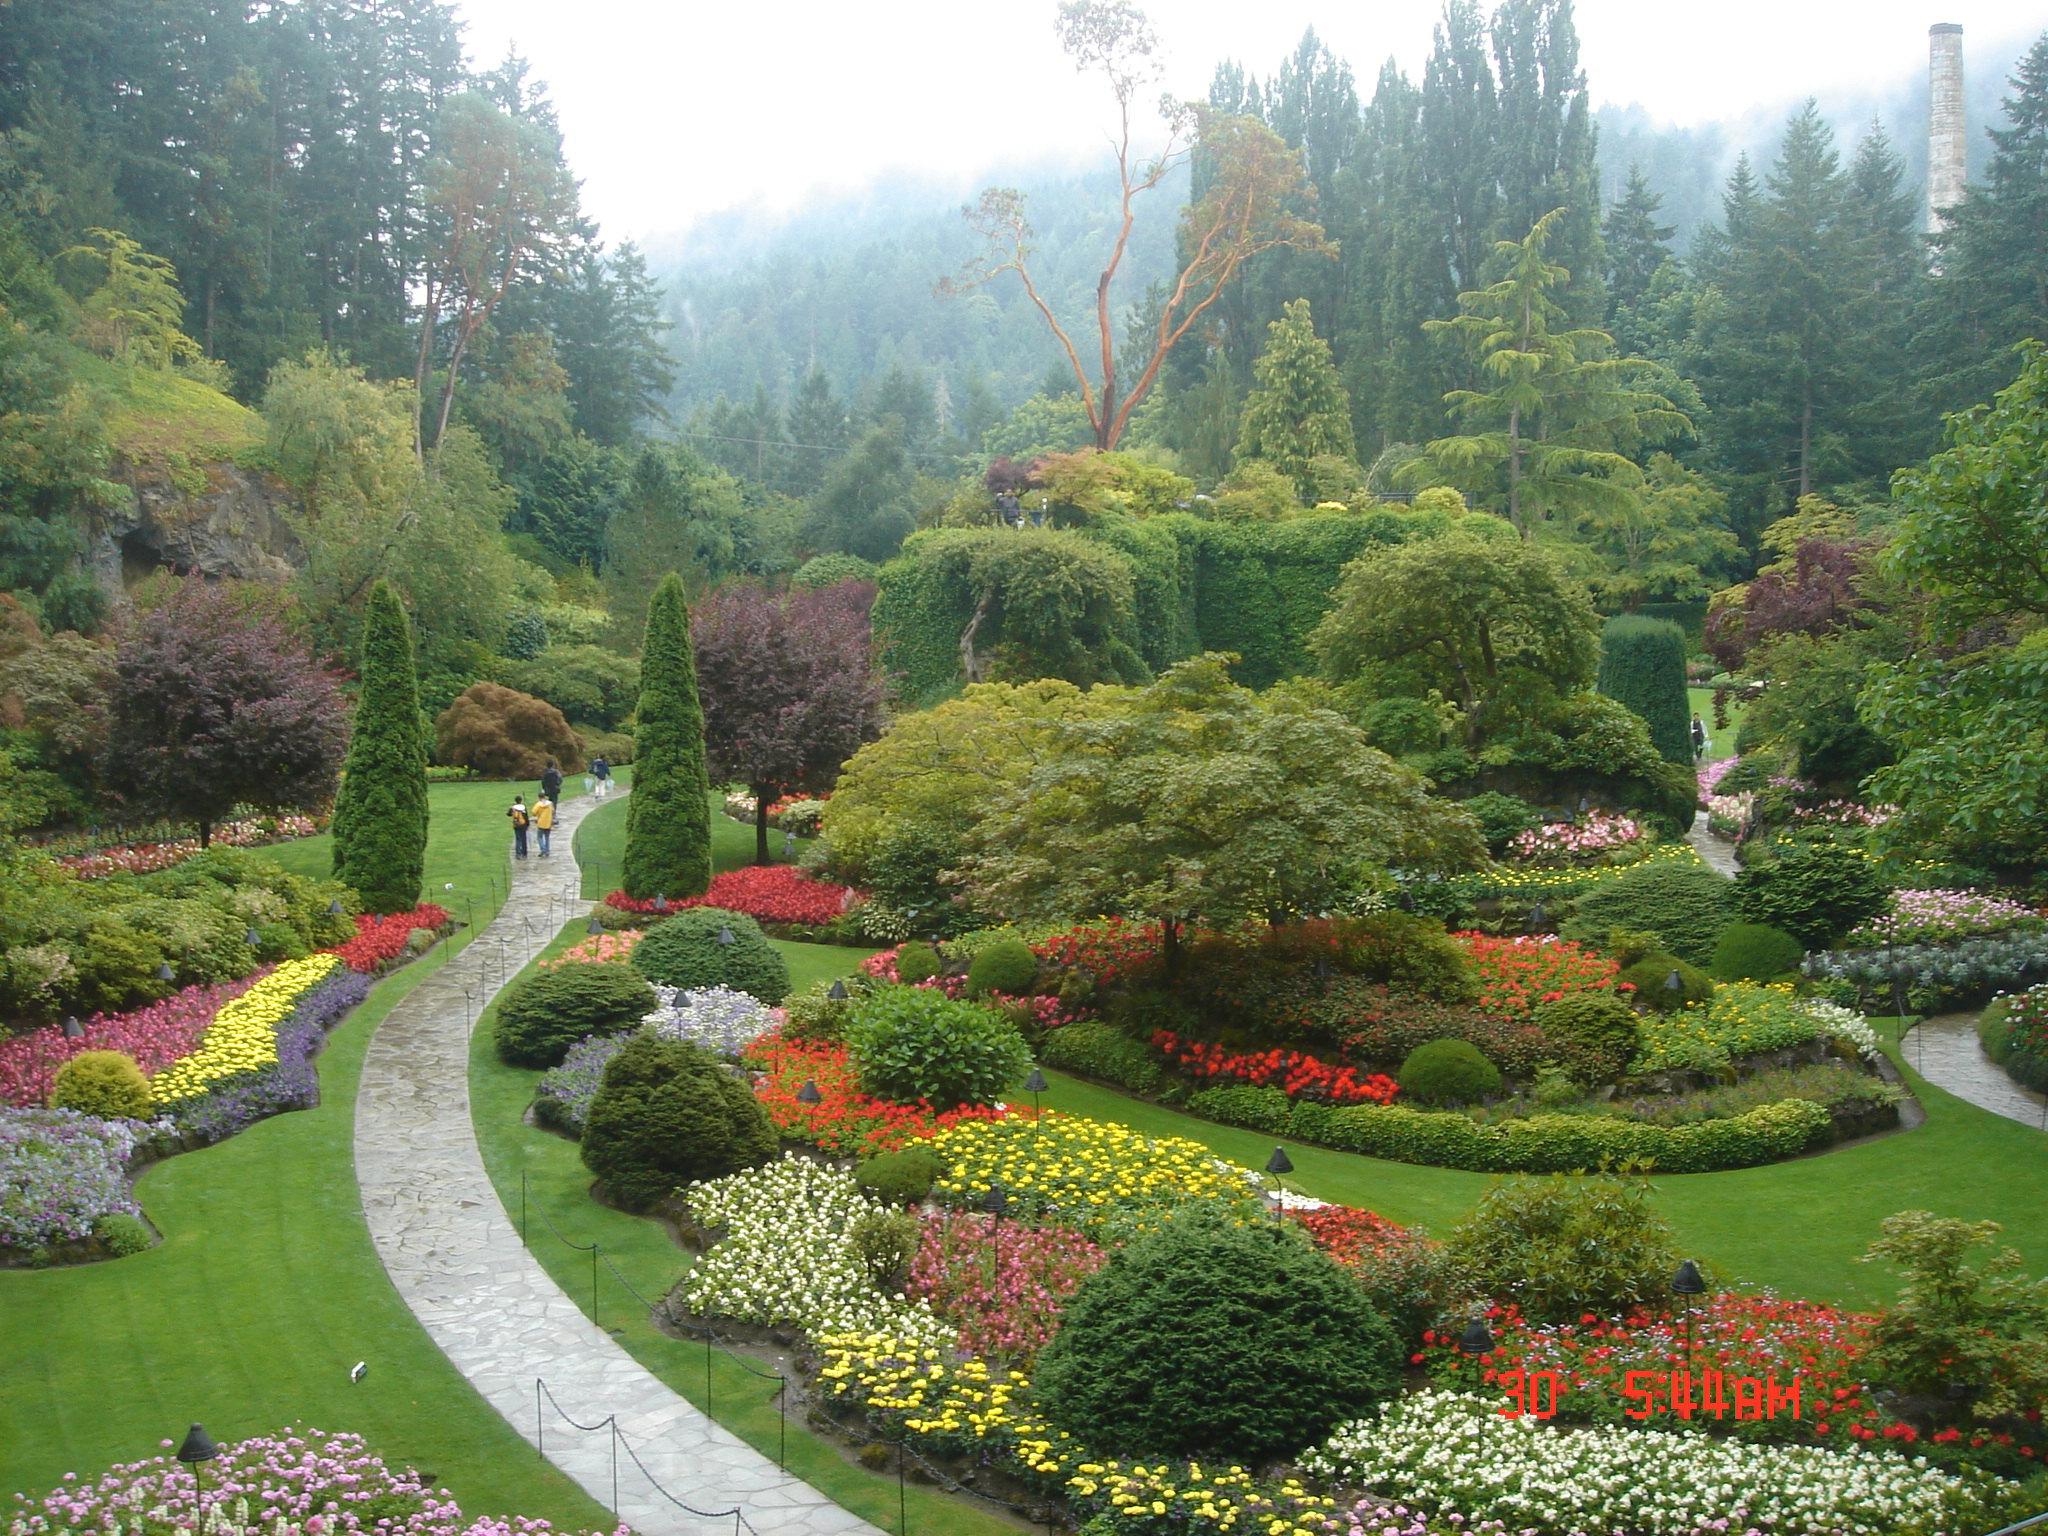 布查特花园是座家族花园,收费景点,票价不便宜,成人30多刀。花园从1904 年开始修建,是世界著名的第二大花园,世界第一据说是迪拜的奇迹花园。花园确实很漂亮,分为好几个部分,还有园中园的日式庭院和玫瑰花园。今年天气有些冷,玫瑰连个芽也没冒,好在其他的花花草草开得花团锦簇。